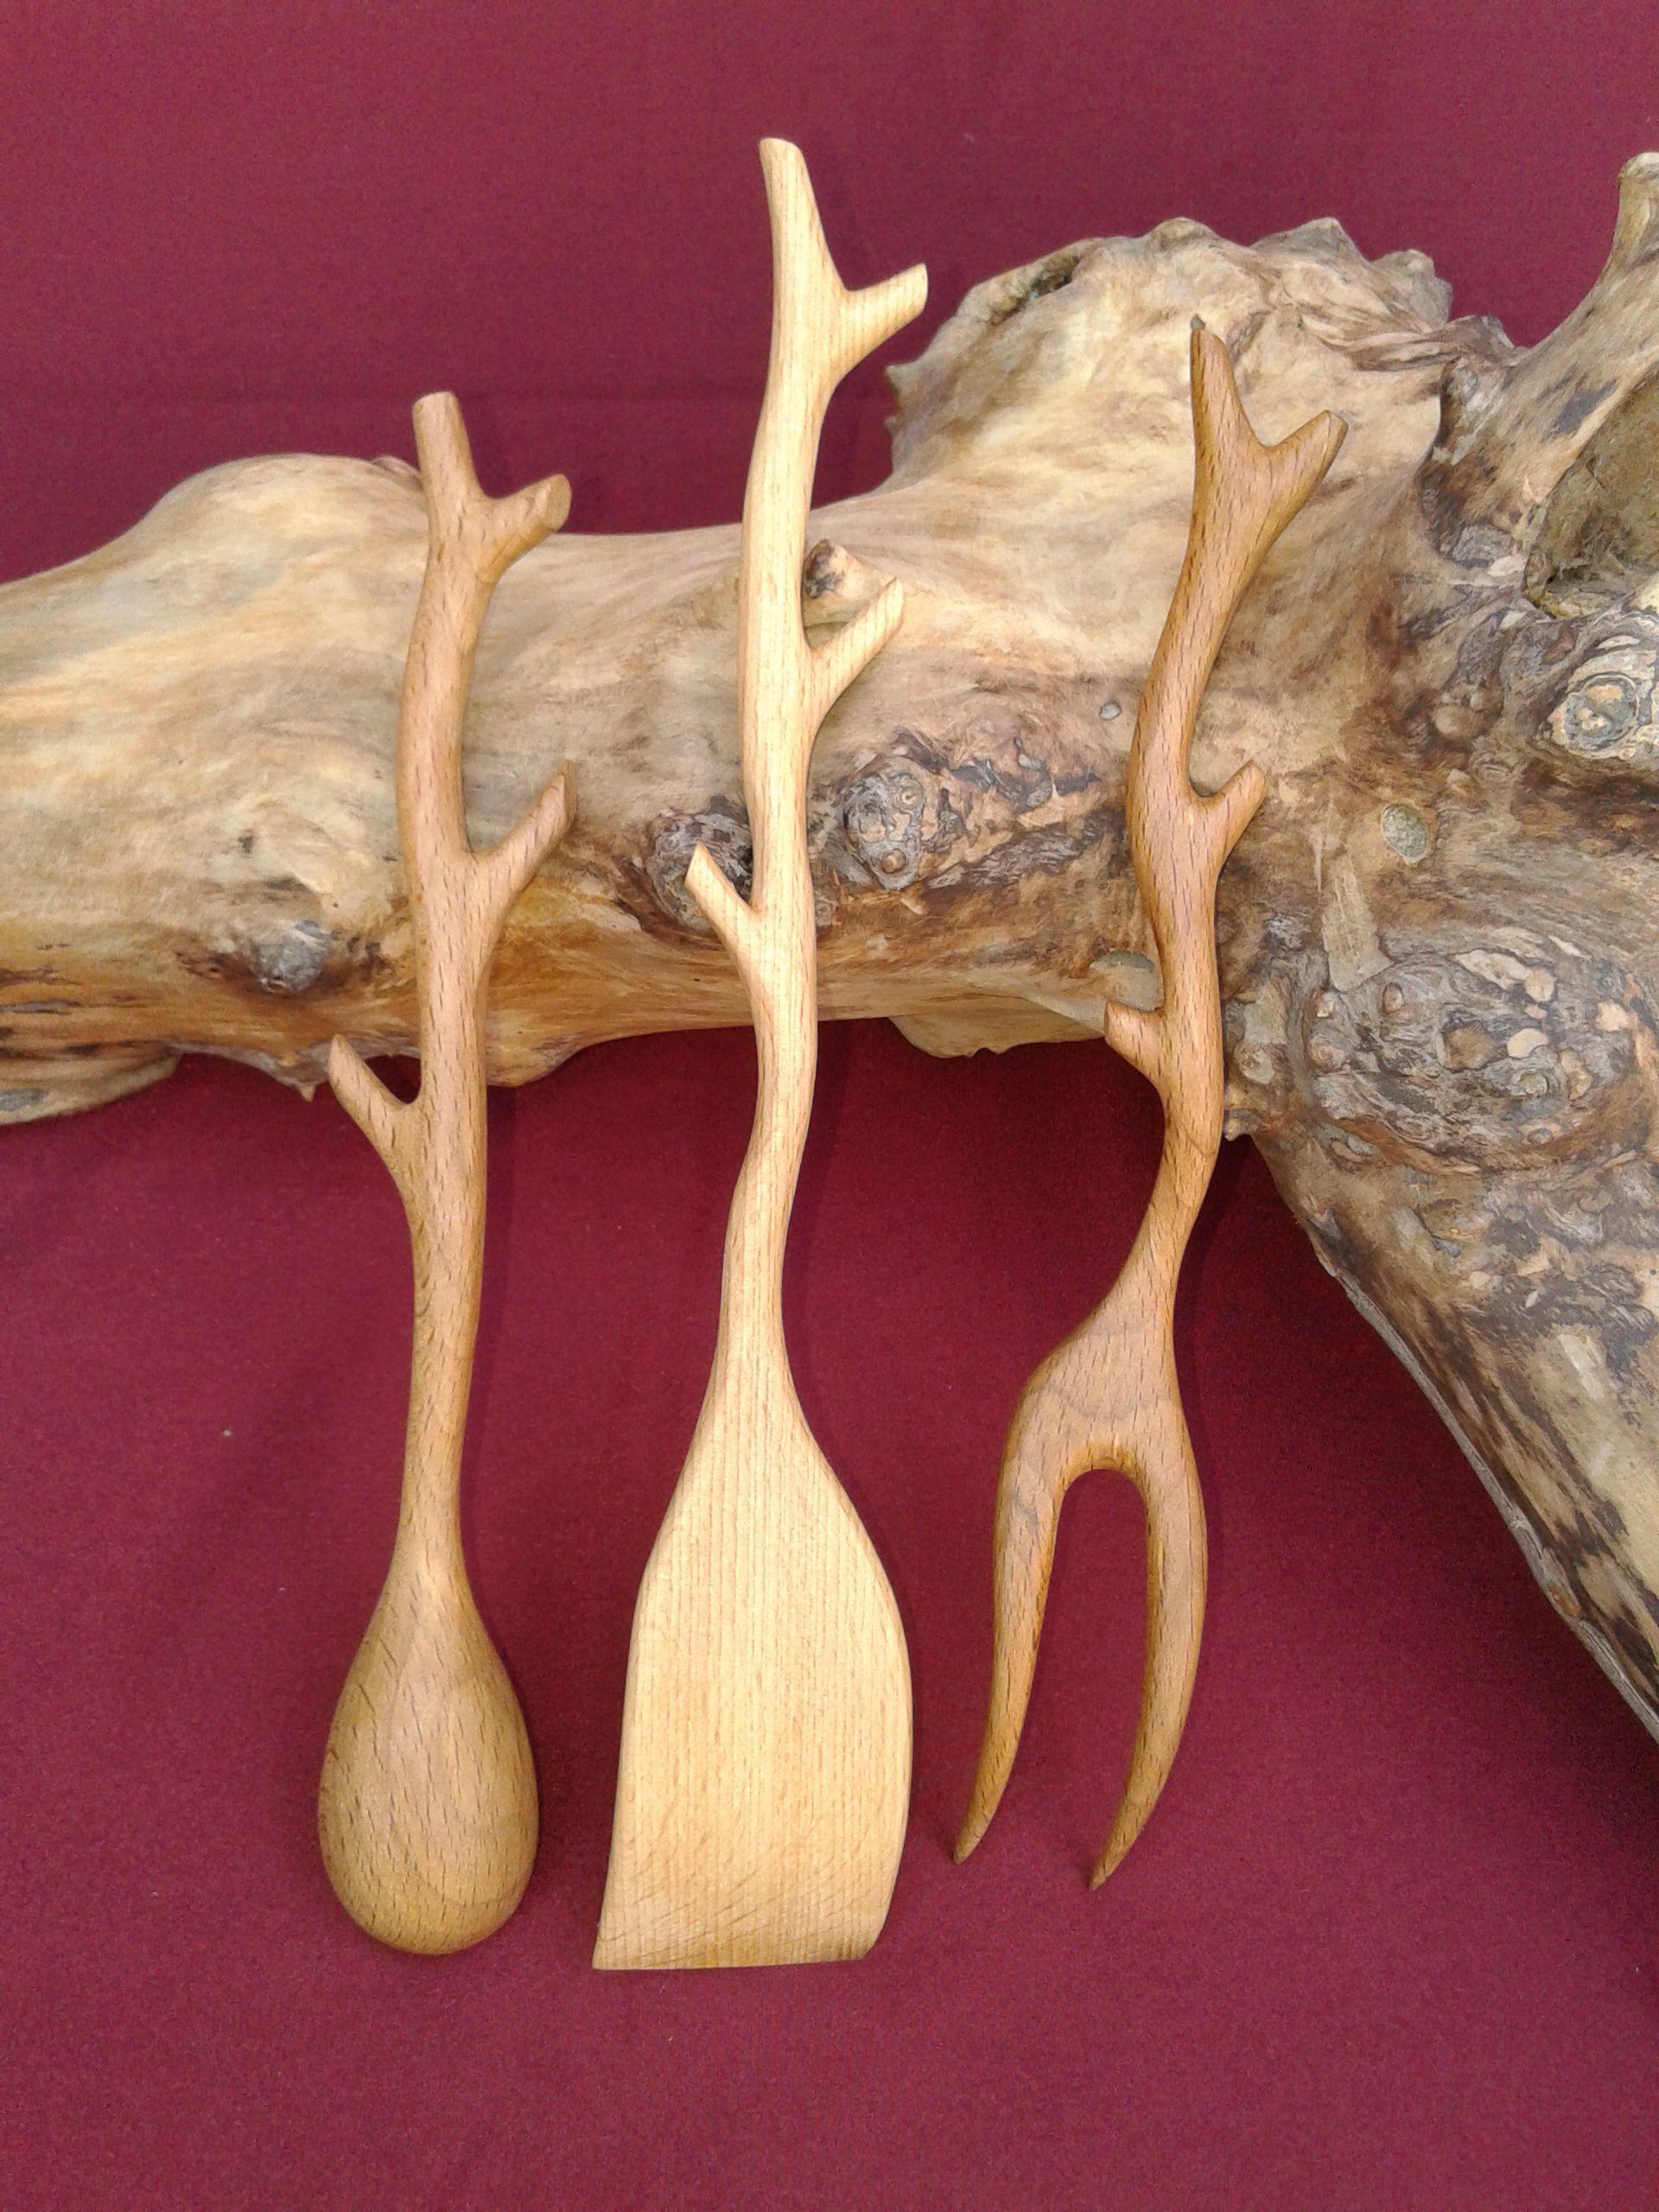 кухни кухонный кухонная кухонные хозяйки набор для принадлежности кухня дерева женщин аксессуары дерево утварь резьба дереву